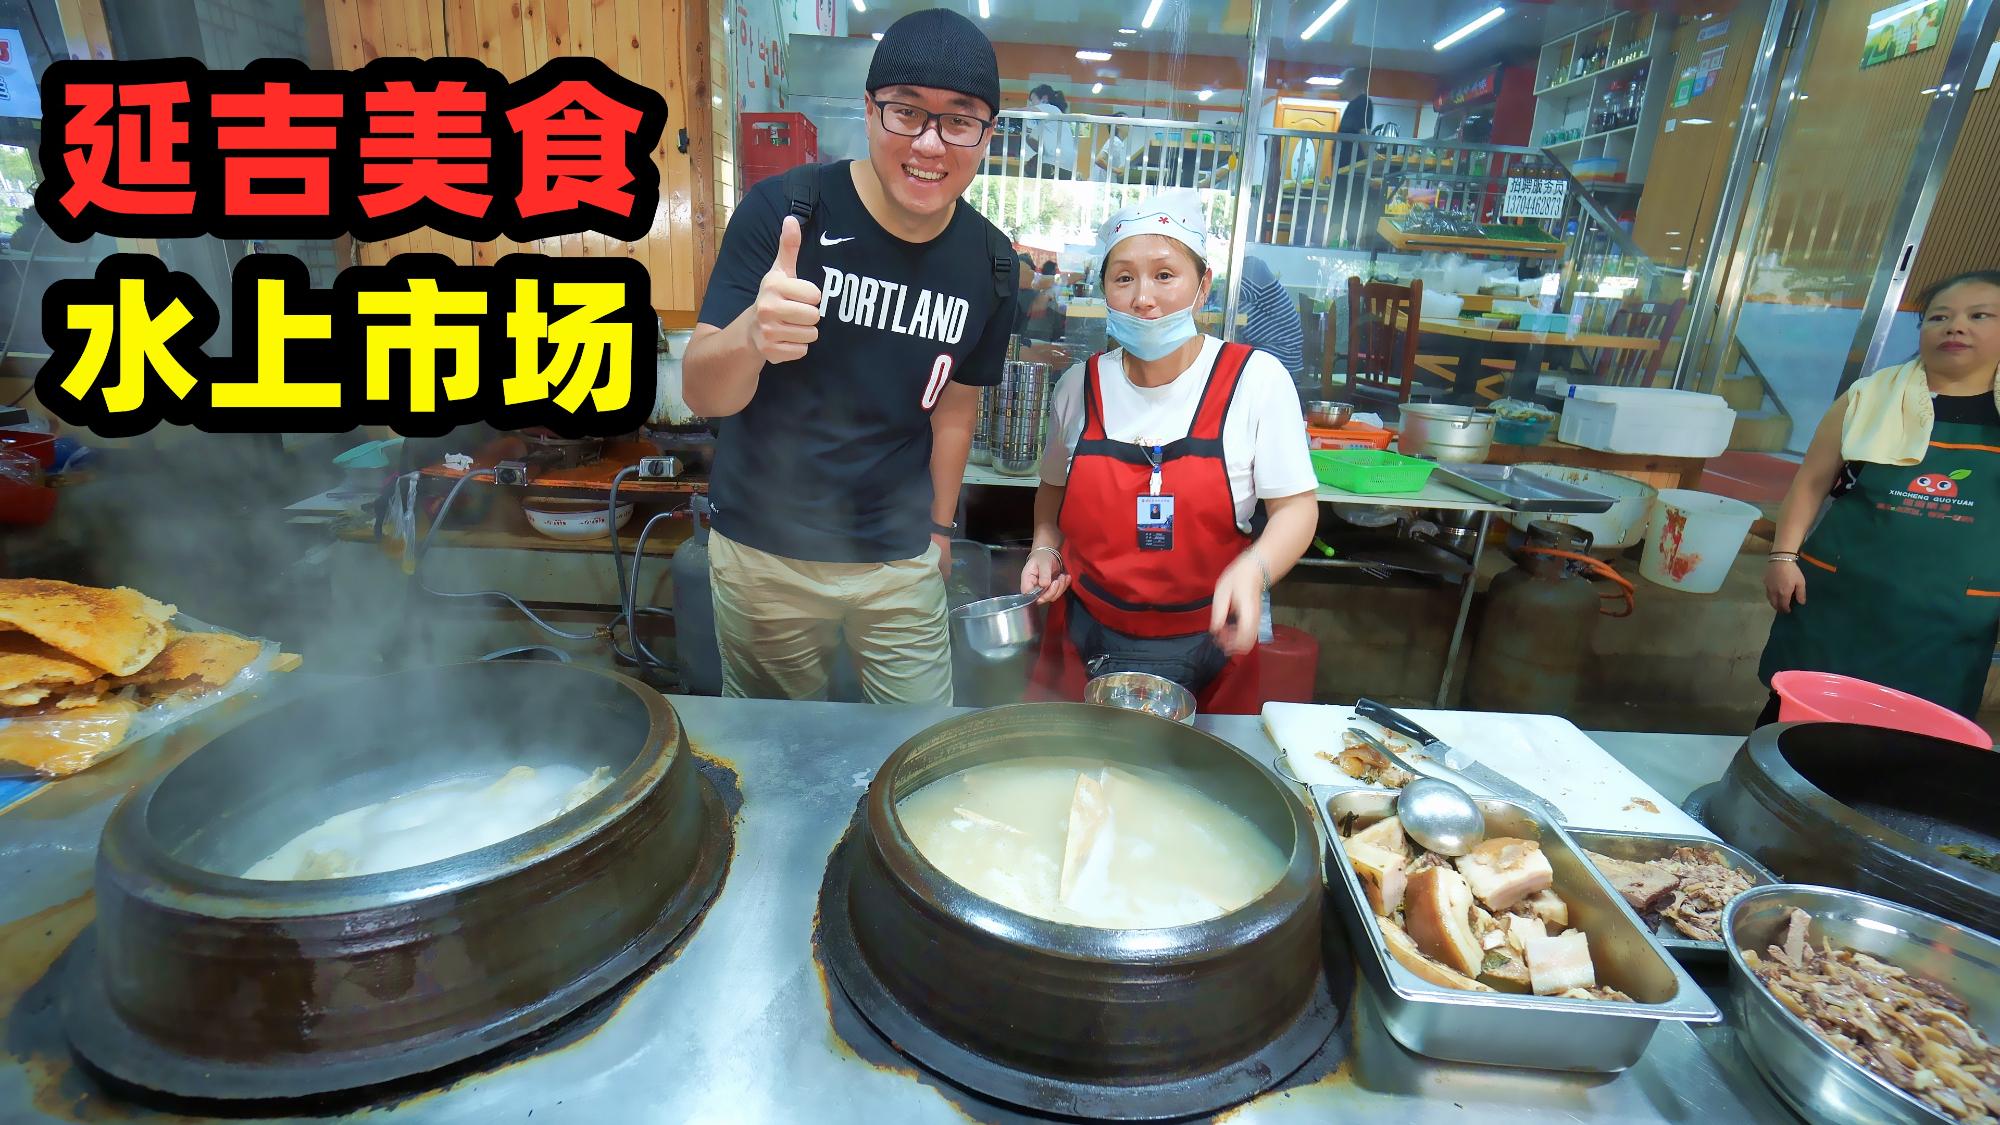 延吉水上市场,凌晨5点开市,朝鲜族美食汤饭,阿星品尝米肠年糕